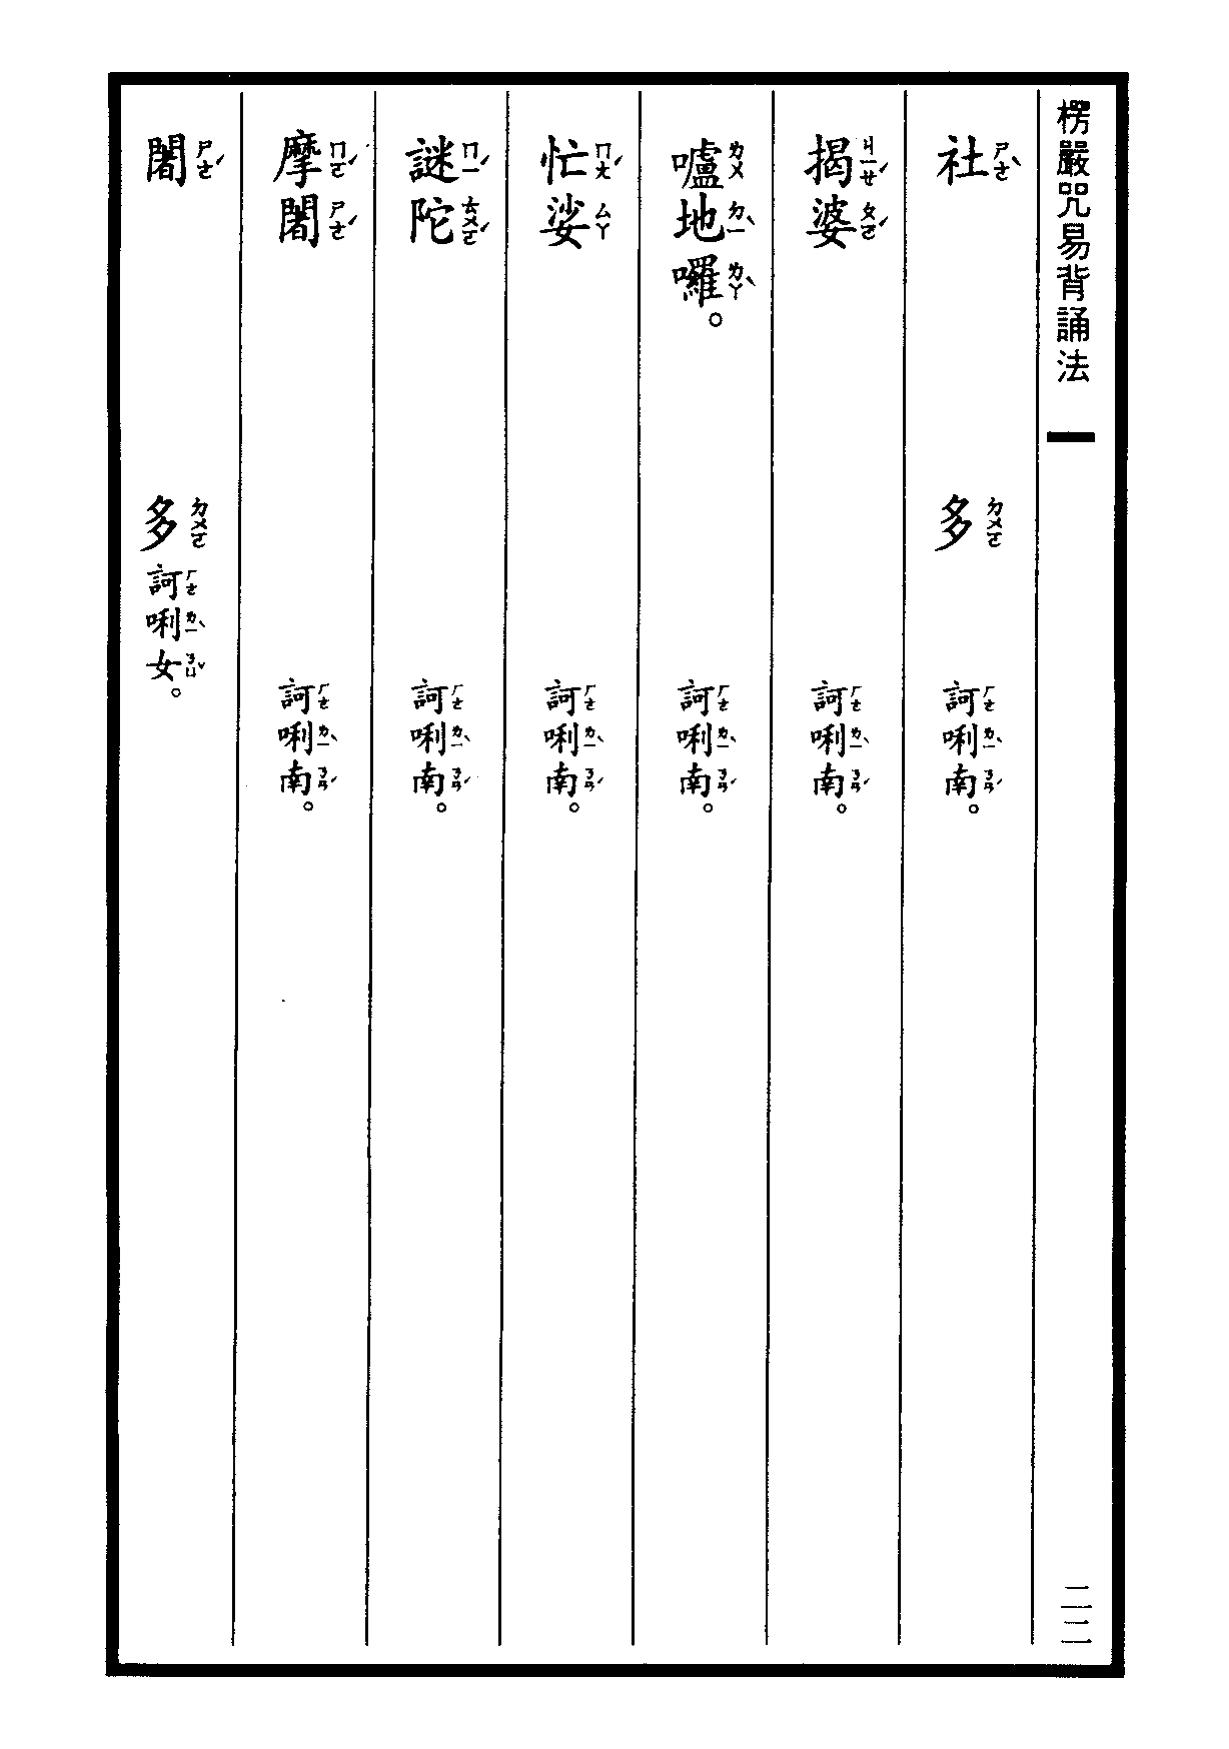 楞嚴咒-大悲咒-十小咒-易背本 28.png